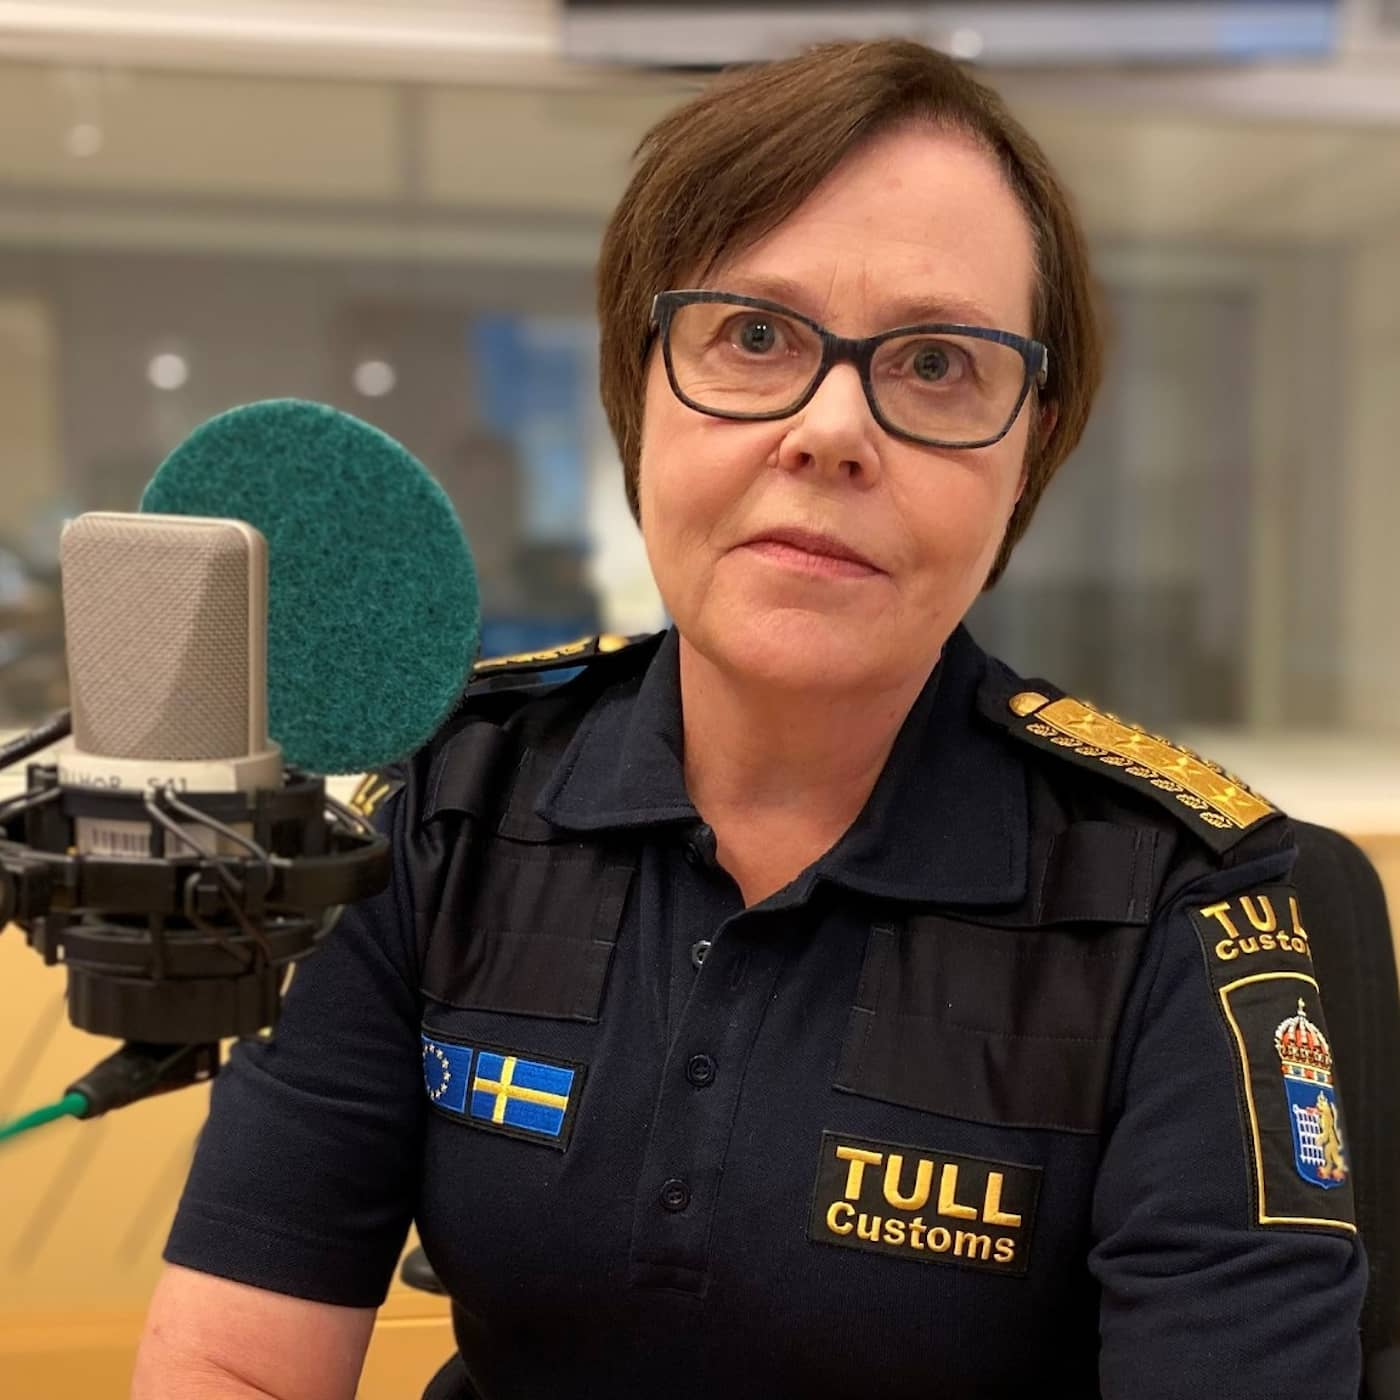 Har Tullen en chans mot smugglarna, Charlotte Svensson?